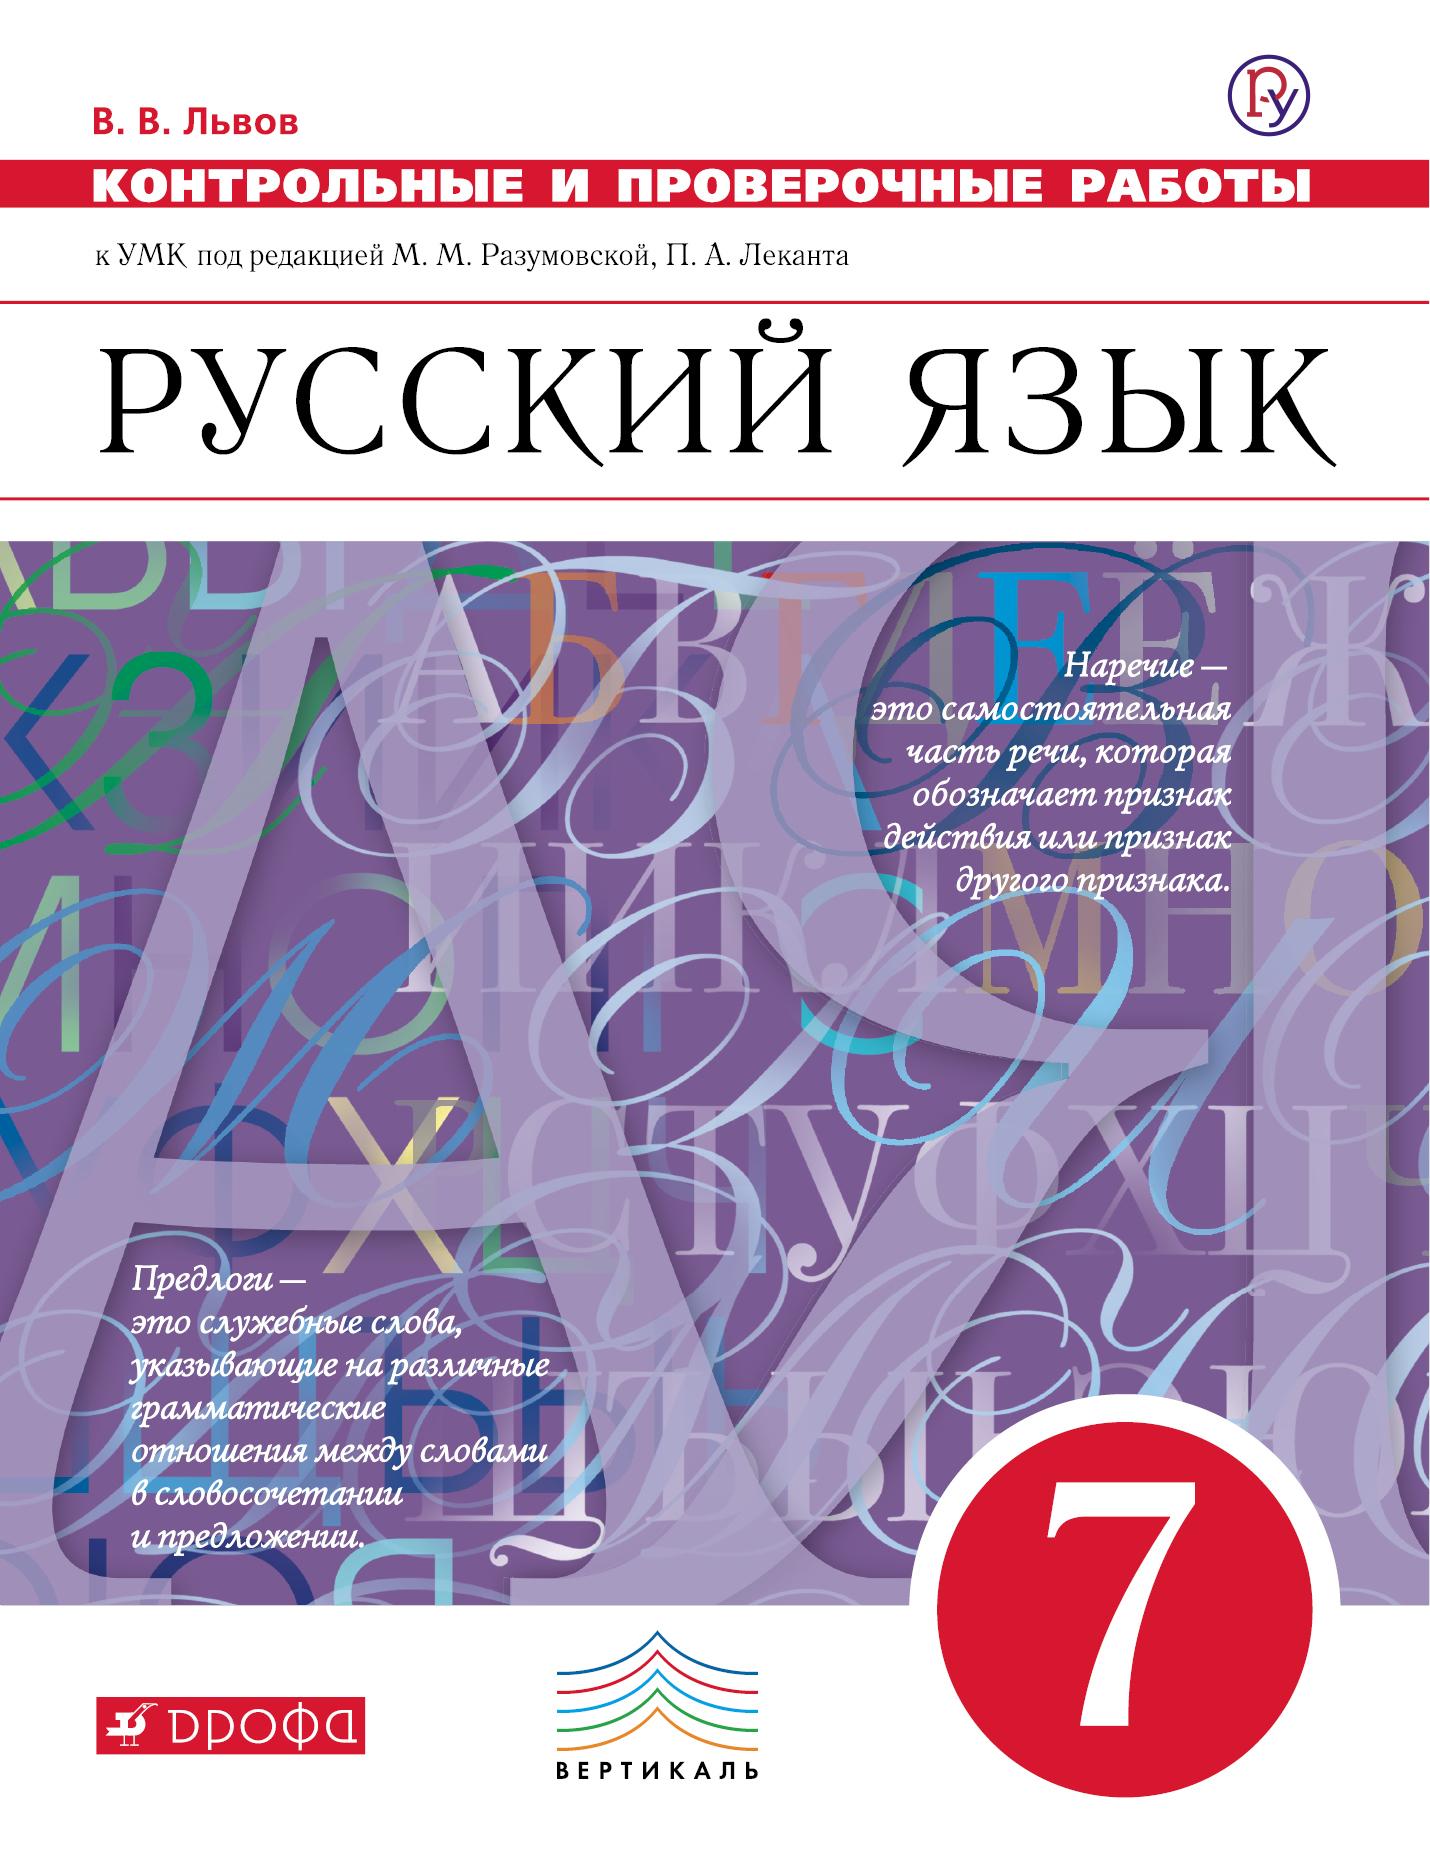 Львов В.В. Русский язык. 7 класс. Контрольные и проверочные работы